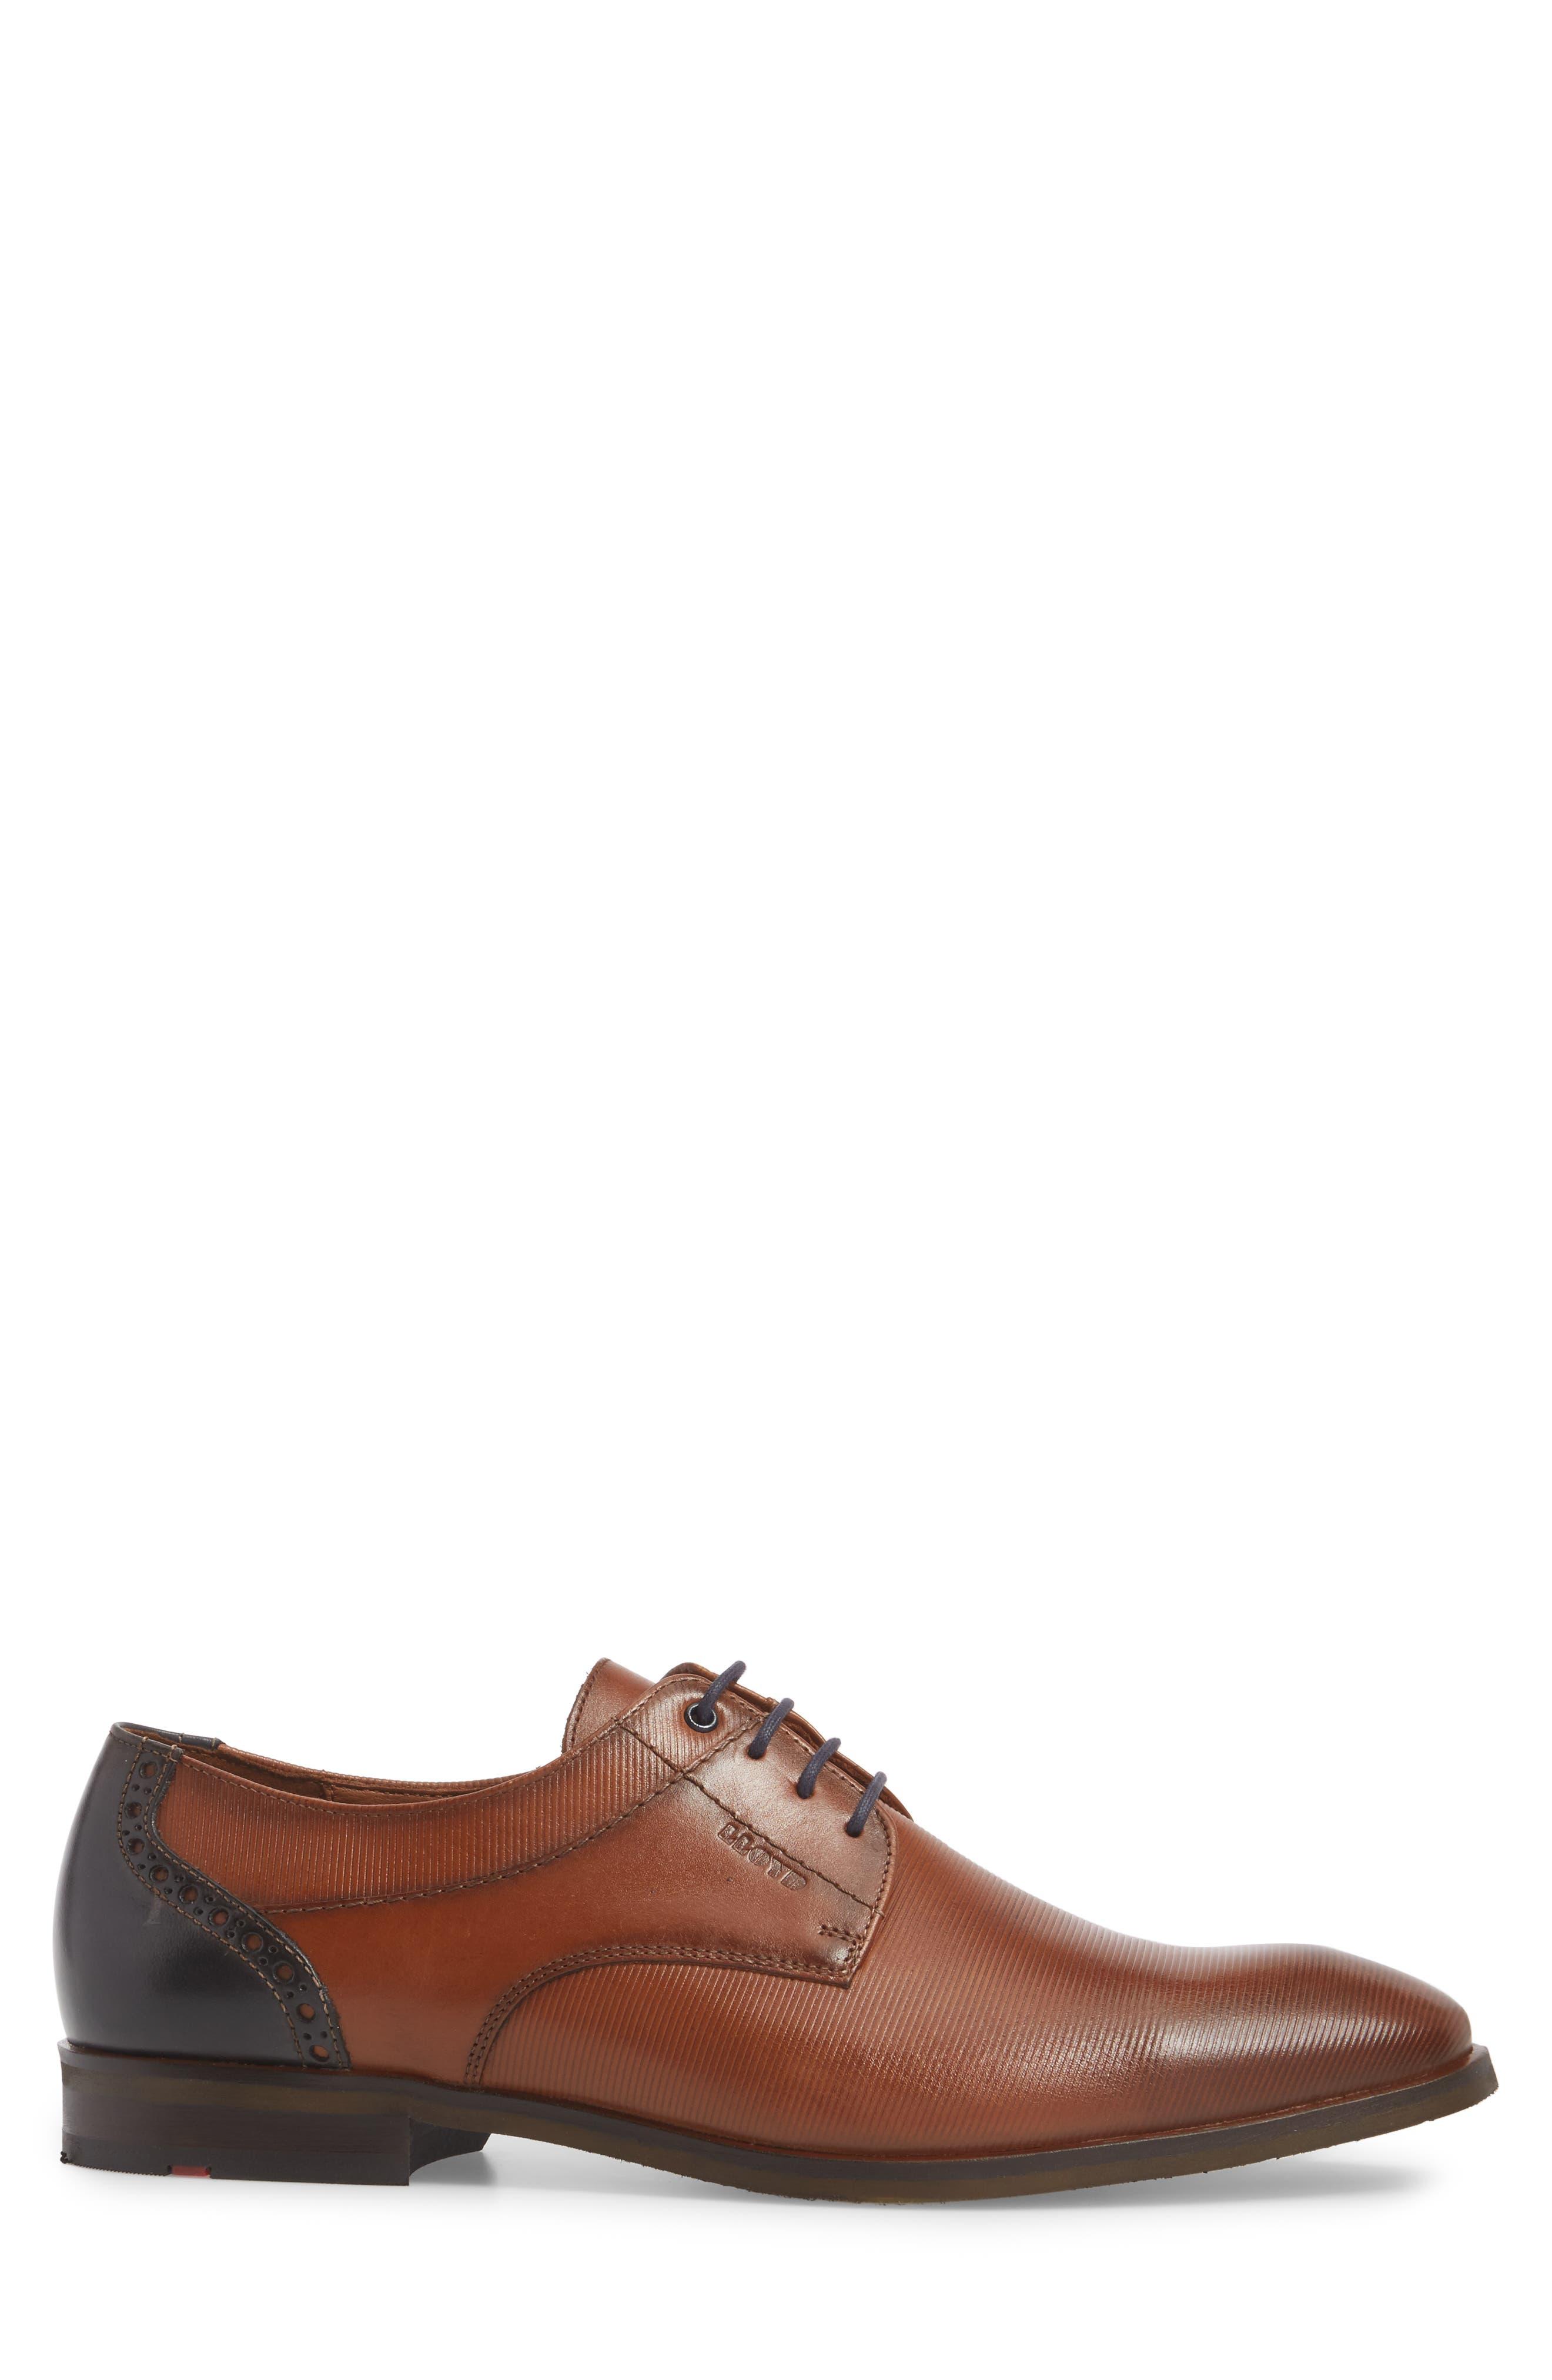 Hamilton Plain Toe Derby,                             Alternate thumbnail 3, color,                             Cognac Leather